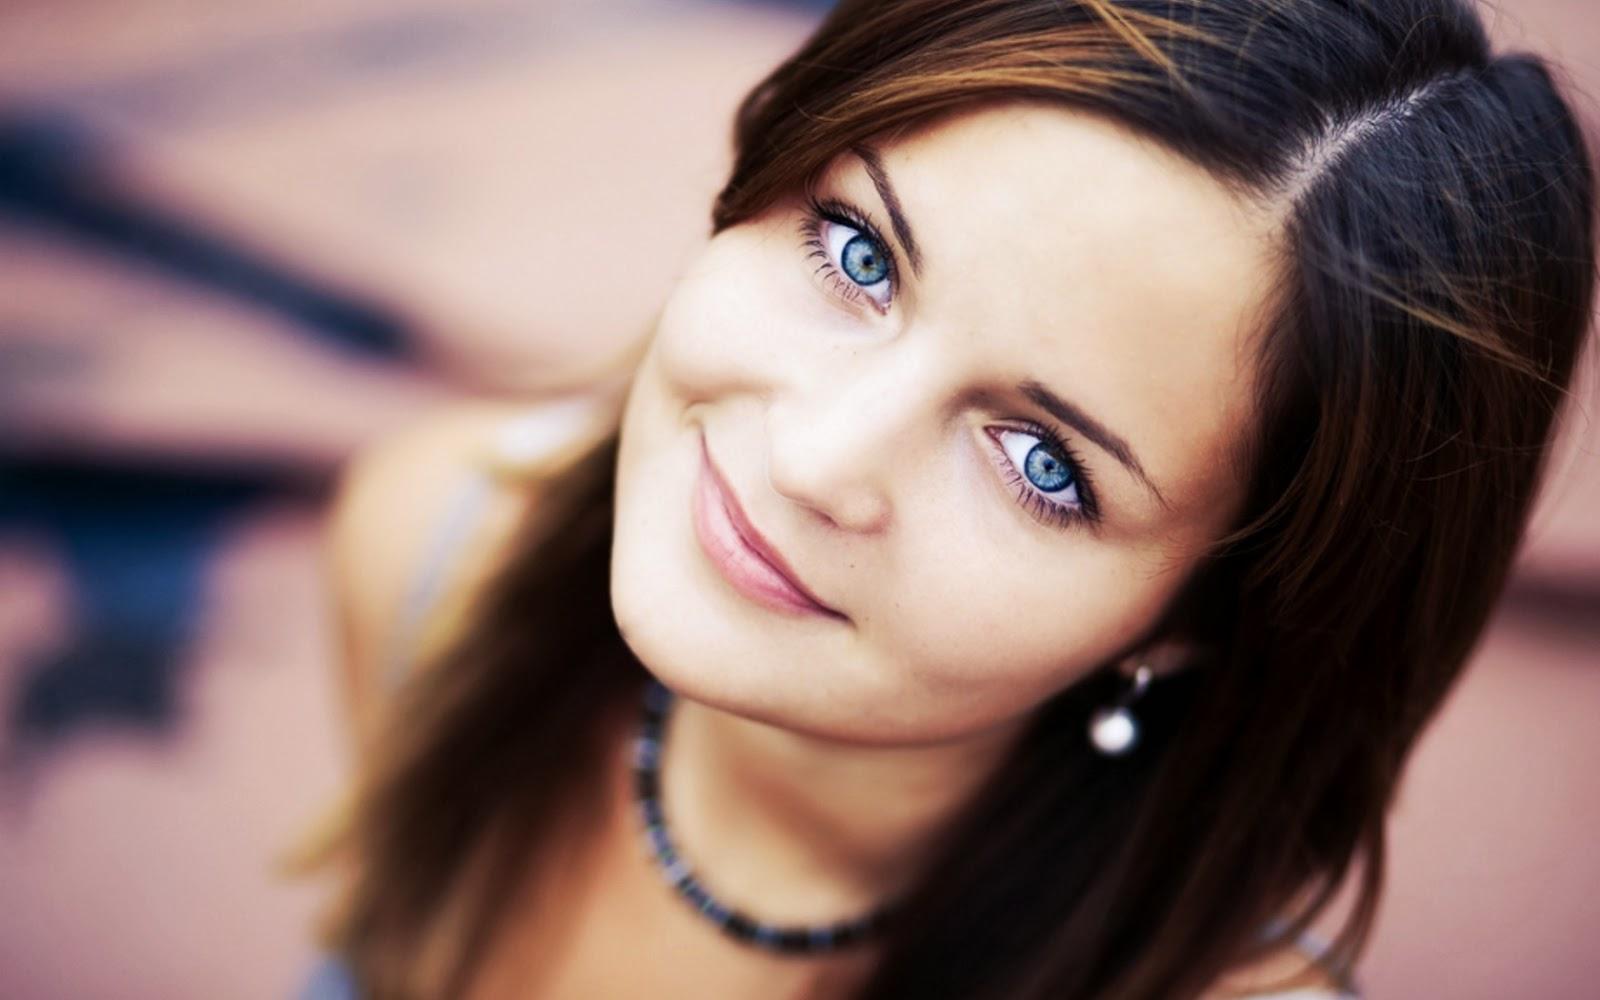 صور صور بنات جميله جدا , اجمل بنات في العالم